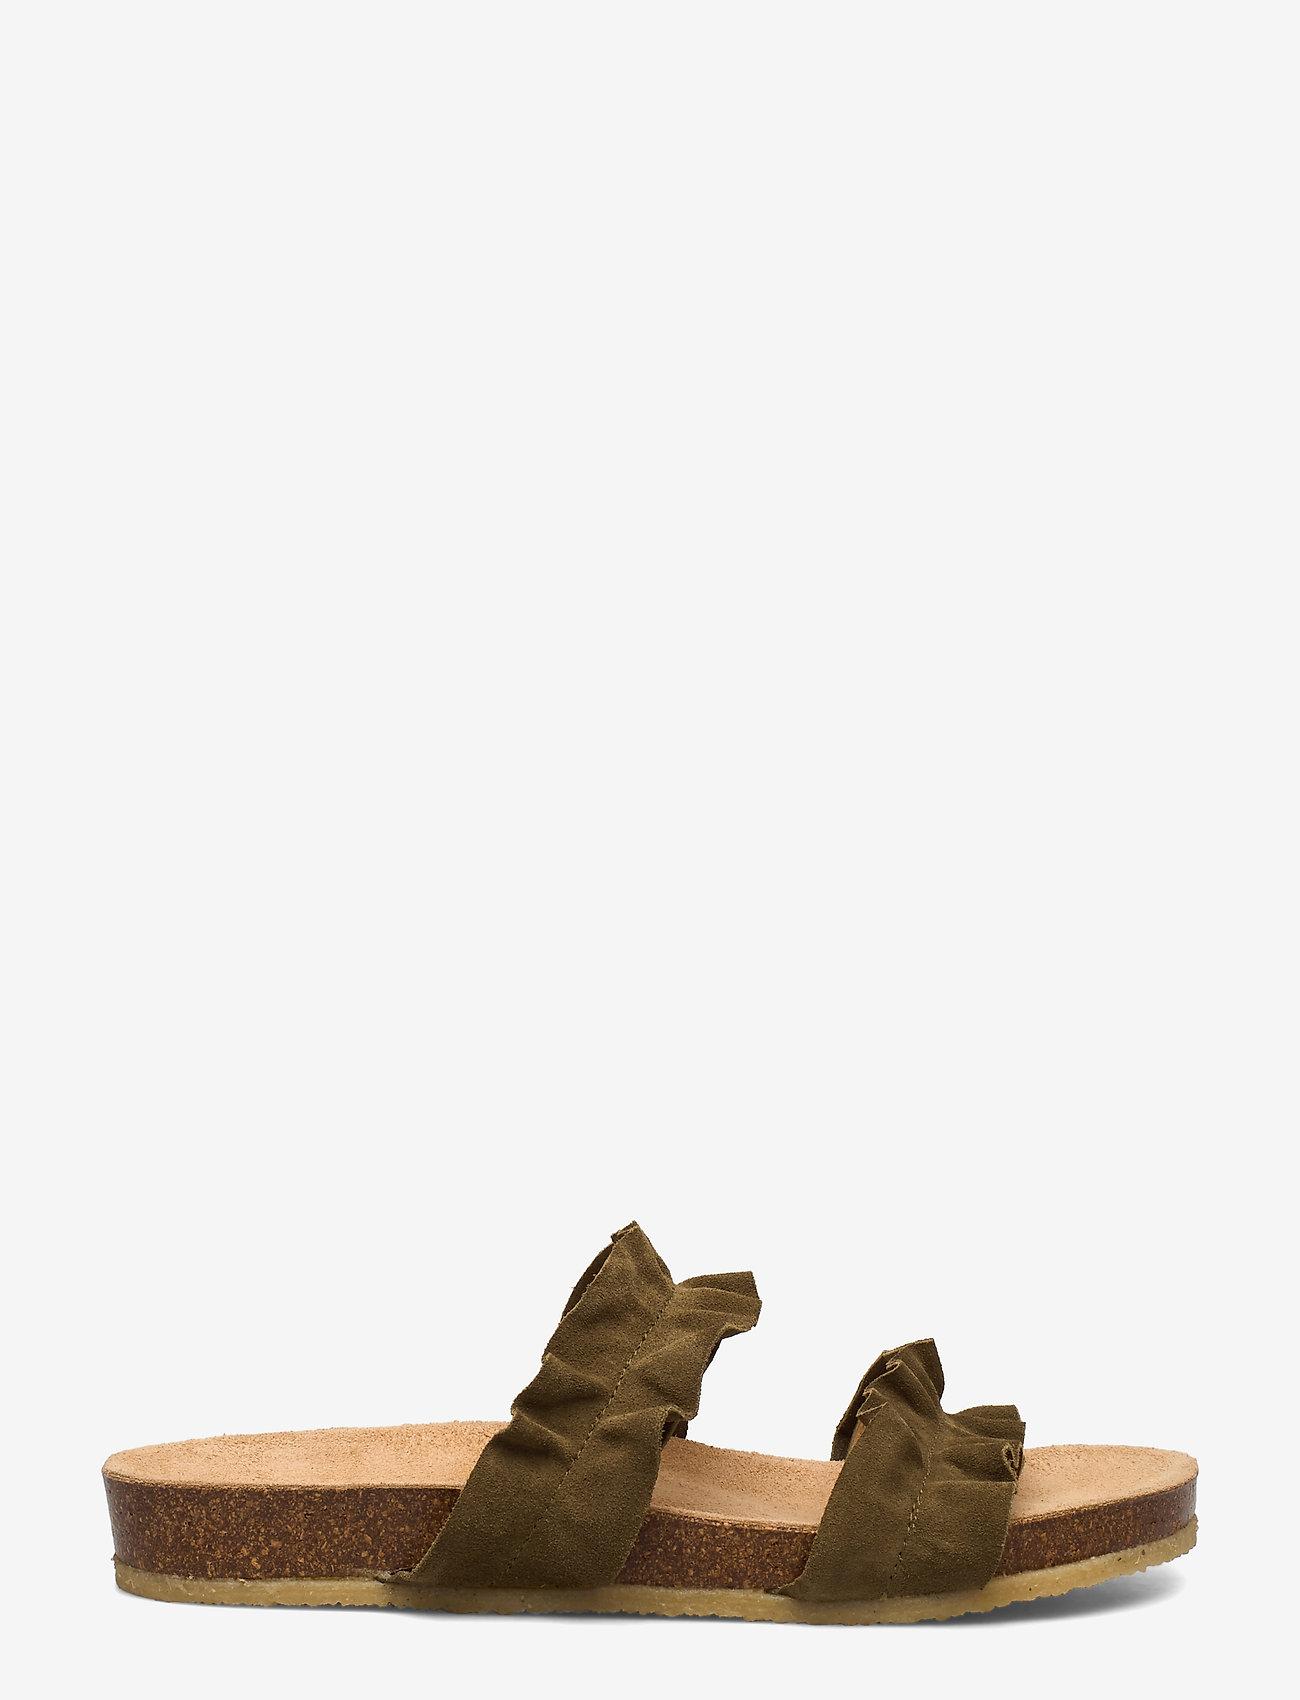 ANGULUS - Sandals - flat - open toe - op - platta sandaler - 2207 khaki - 1